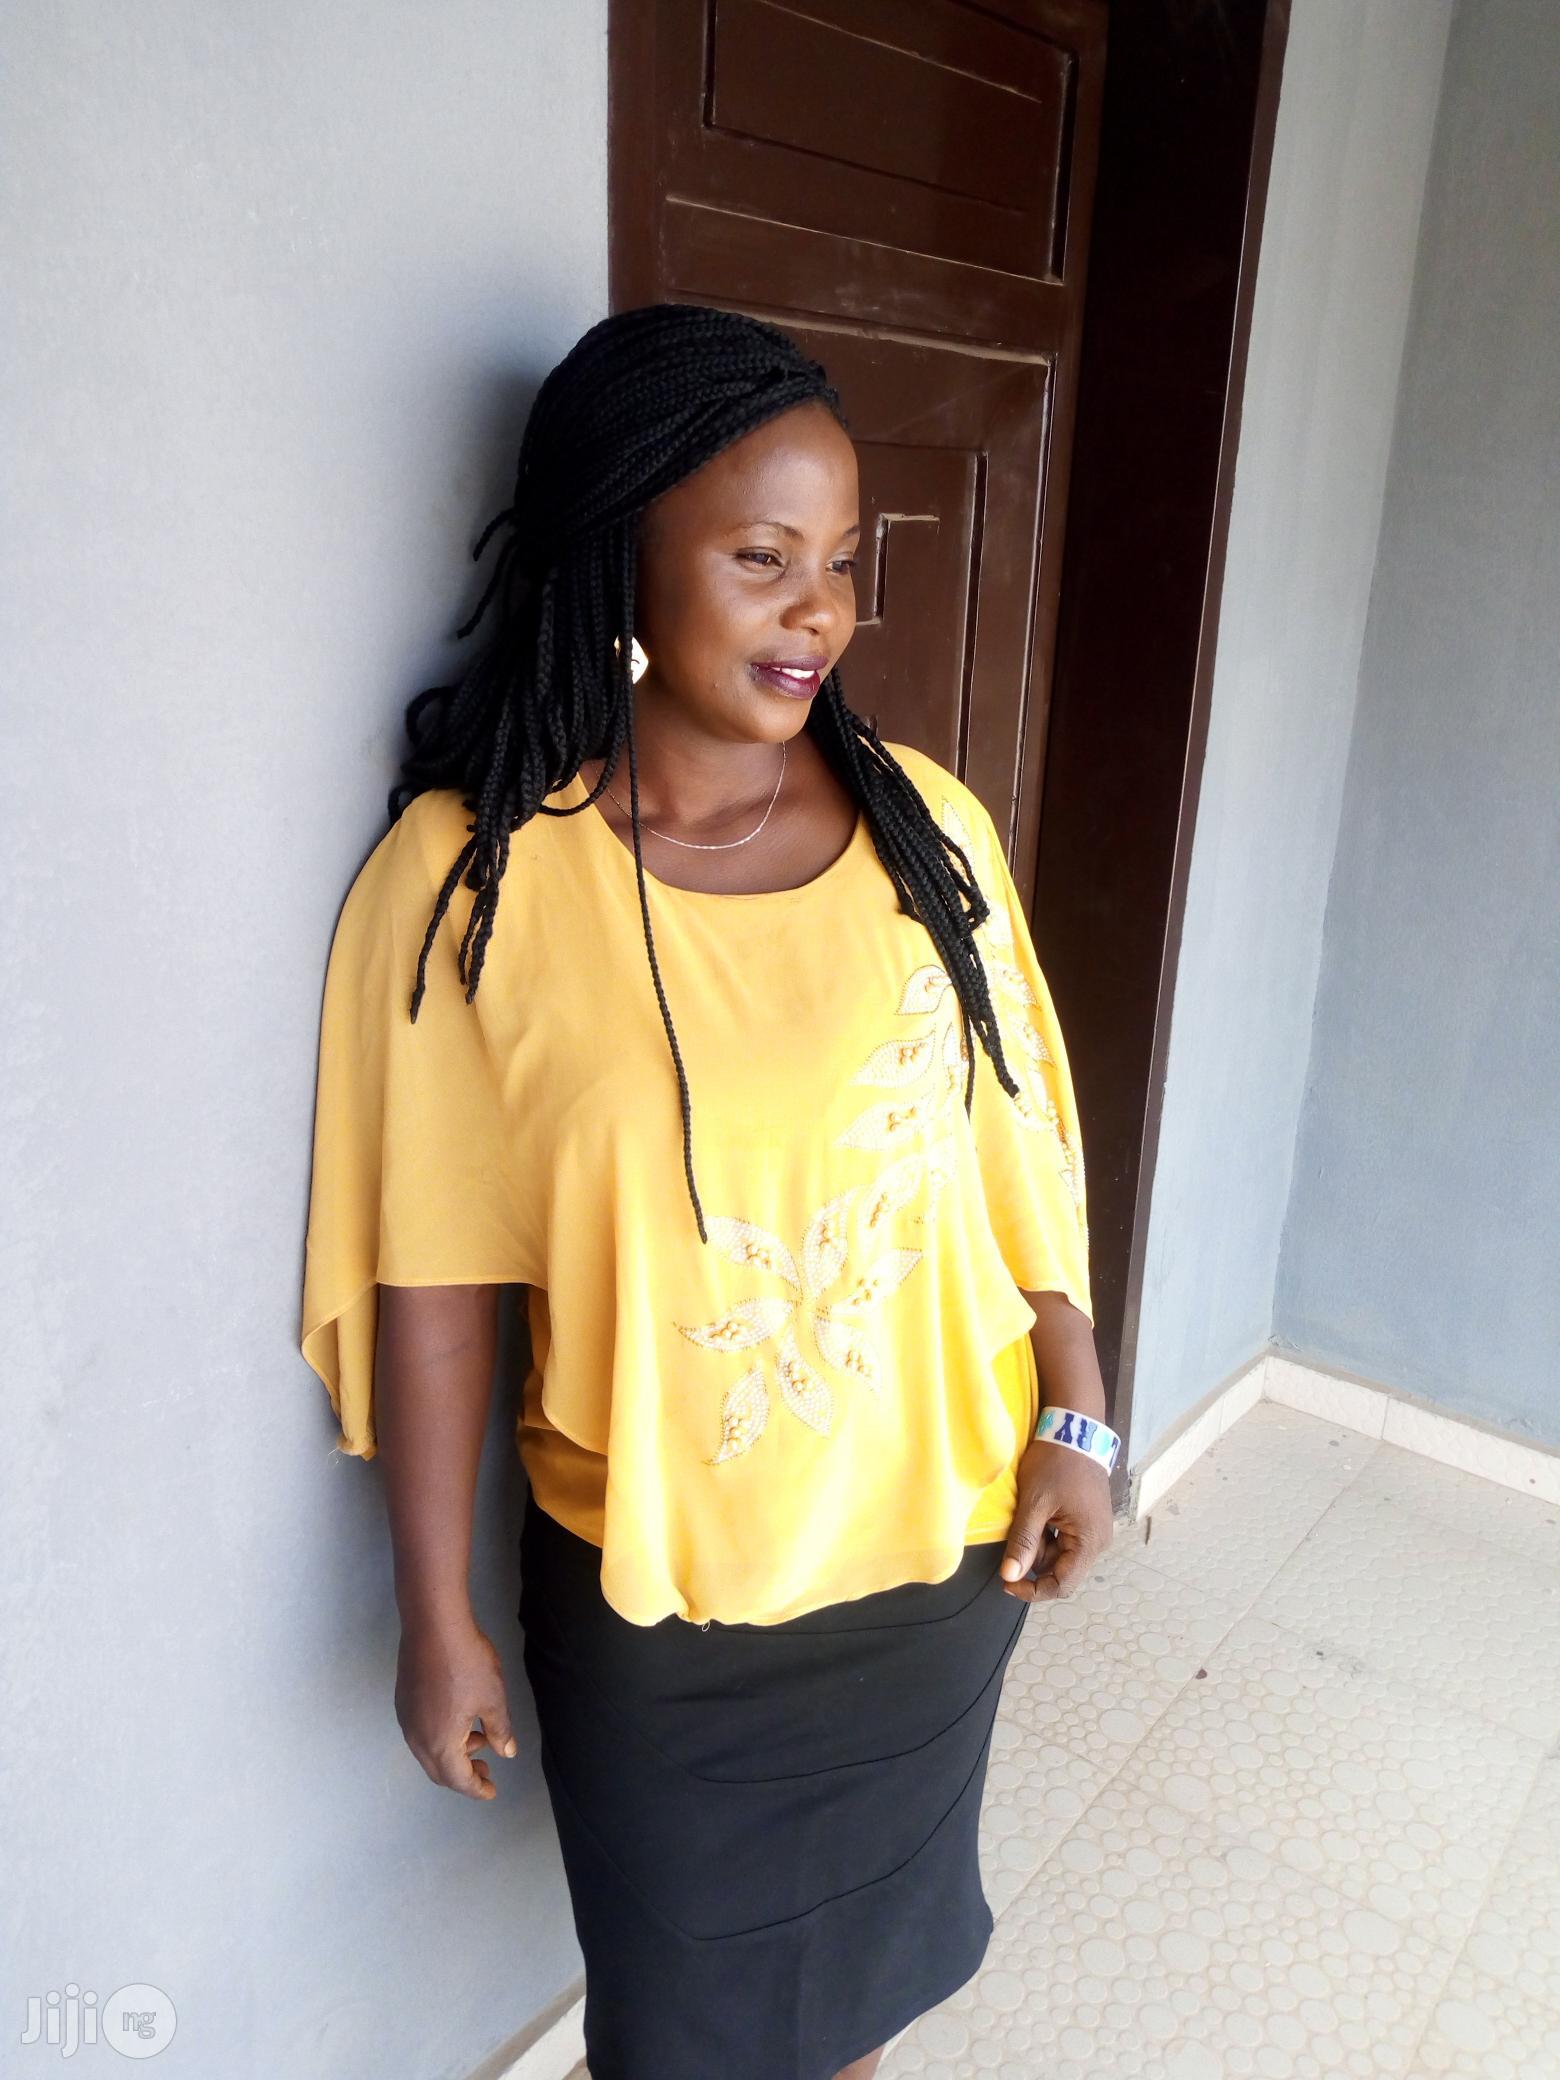 Entrepreneurial Development Officer